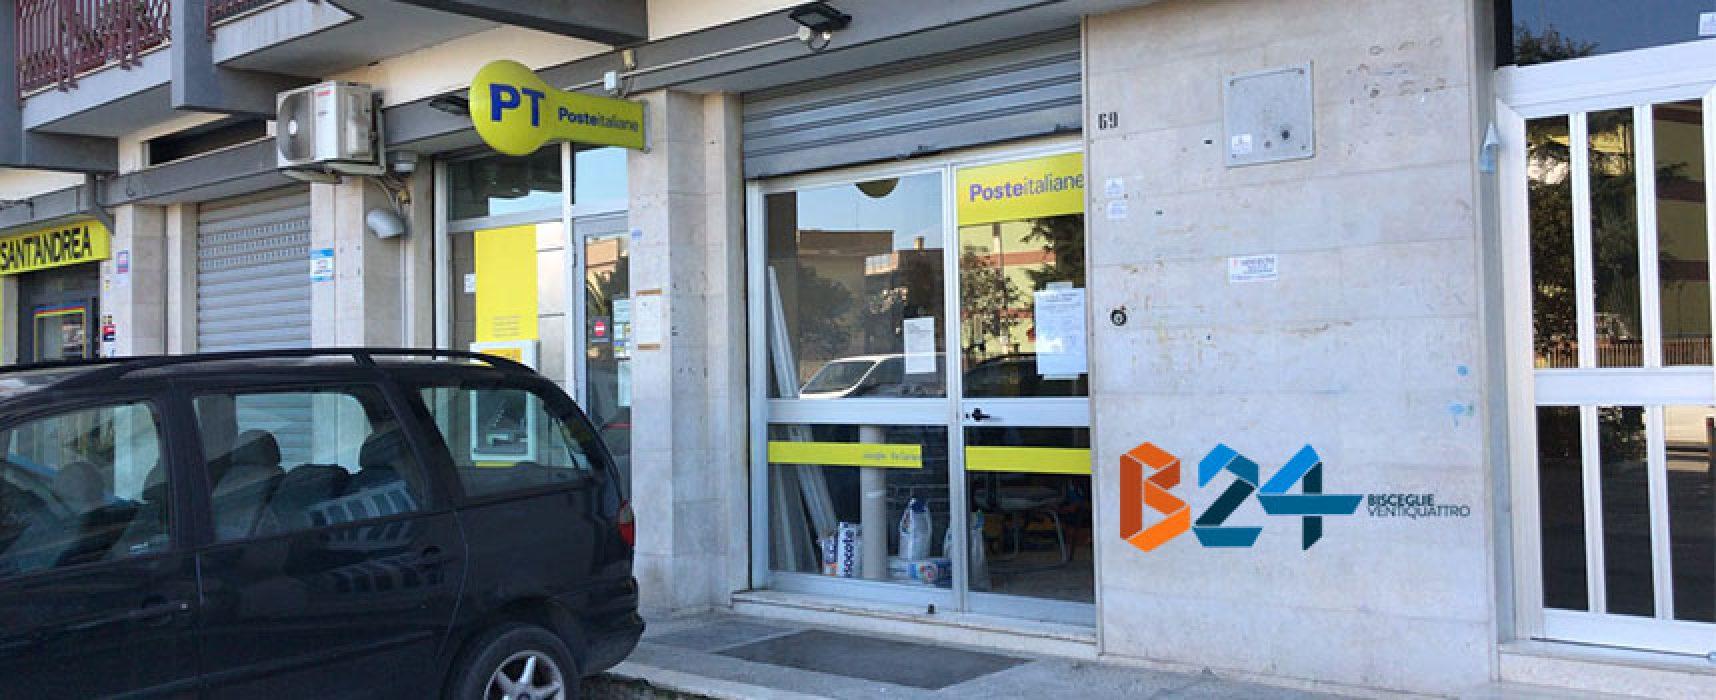 Ufficio postale di via Carrara Reddito chiuso per tutto il mese di marzo